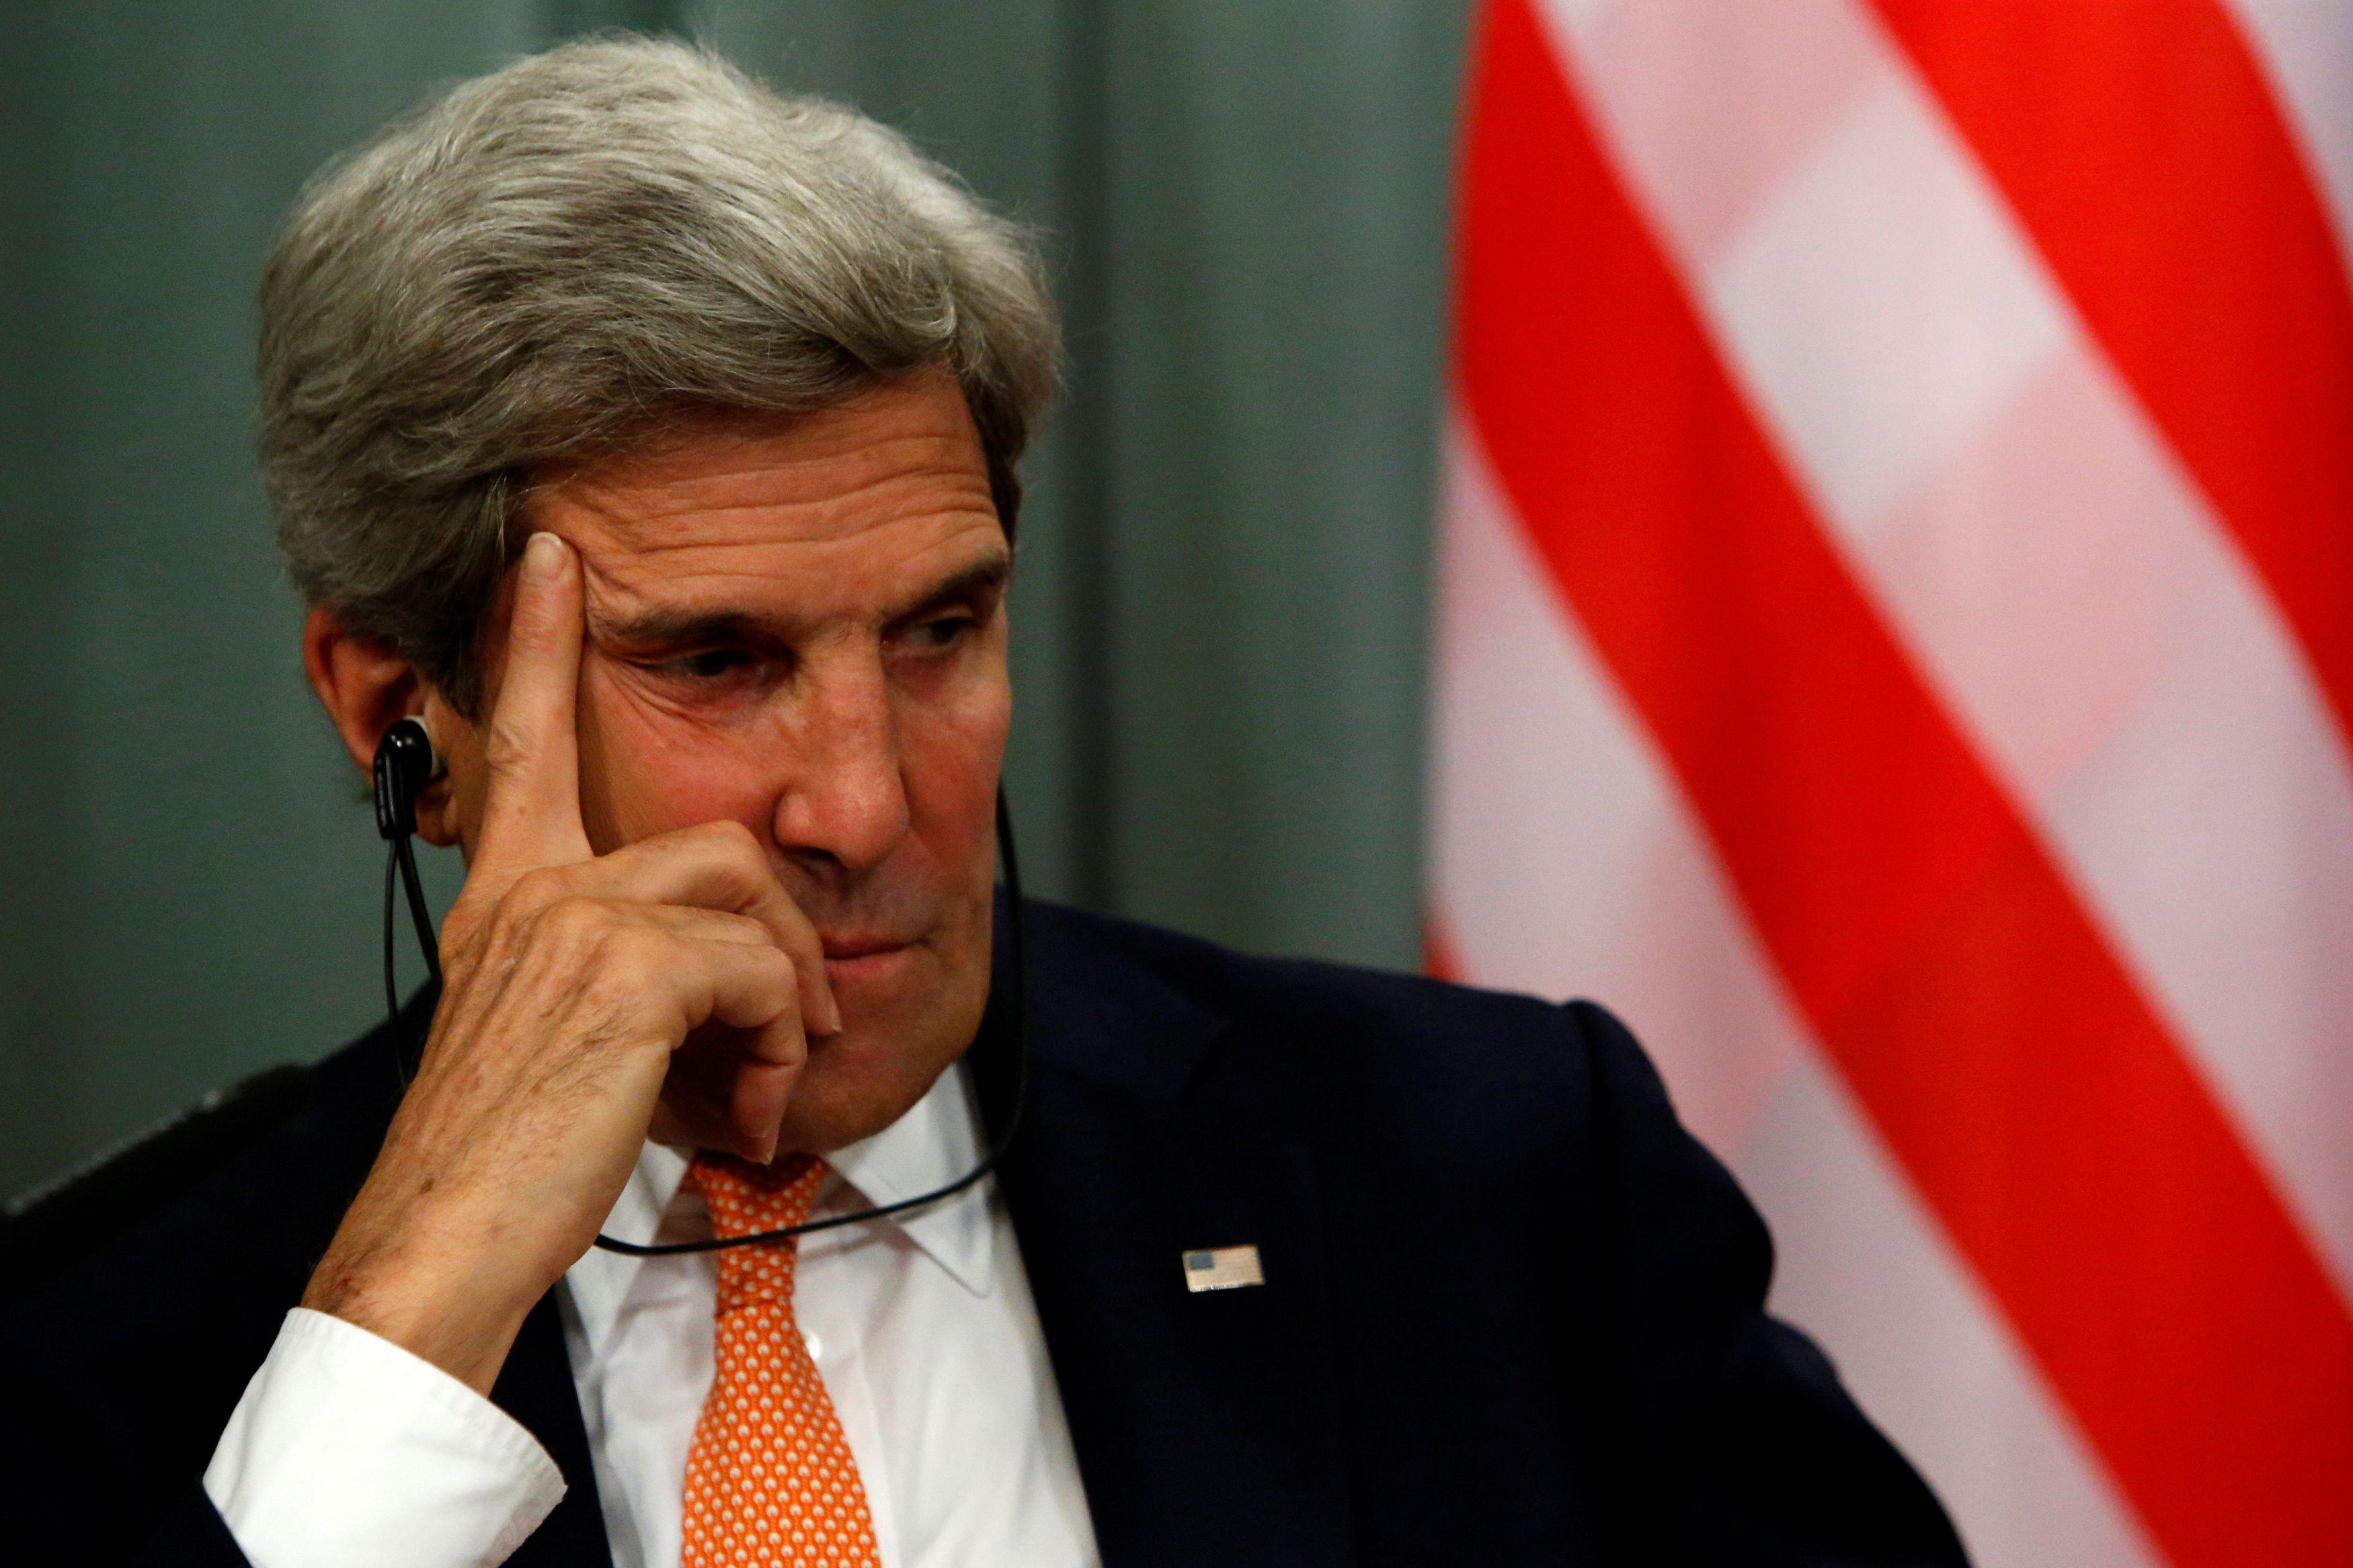 Dans un enregistrement audio, John Kerry évoque ses regrets quant à la gestion de la crise syrienne